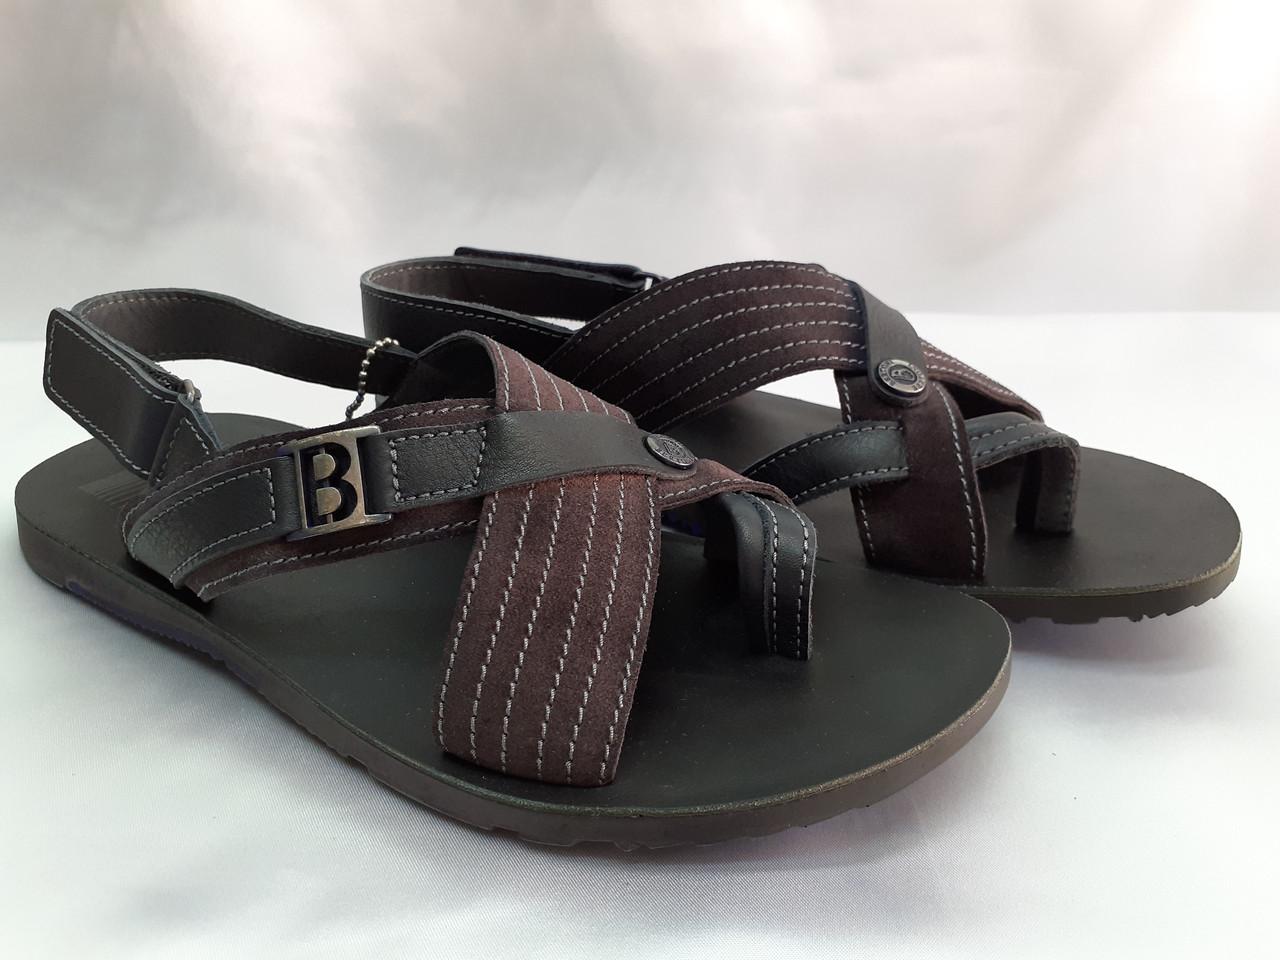 Стильні чоловічі сандалі Bertoni